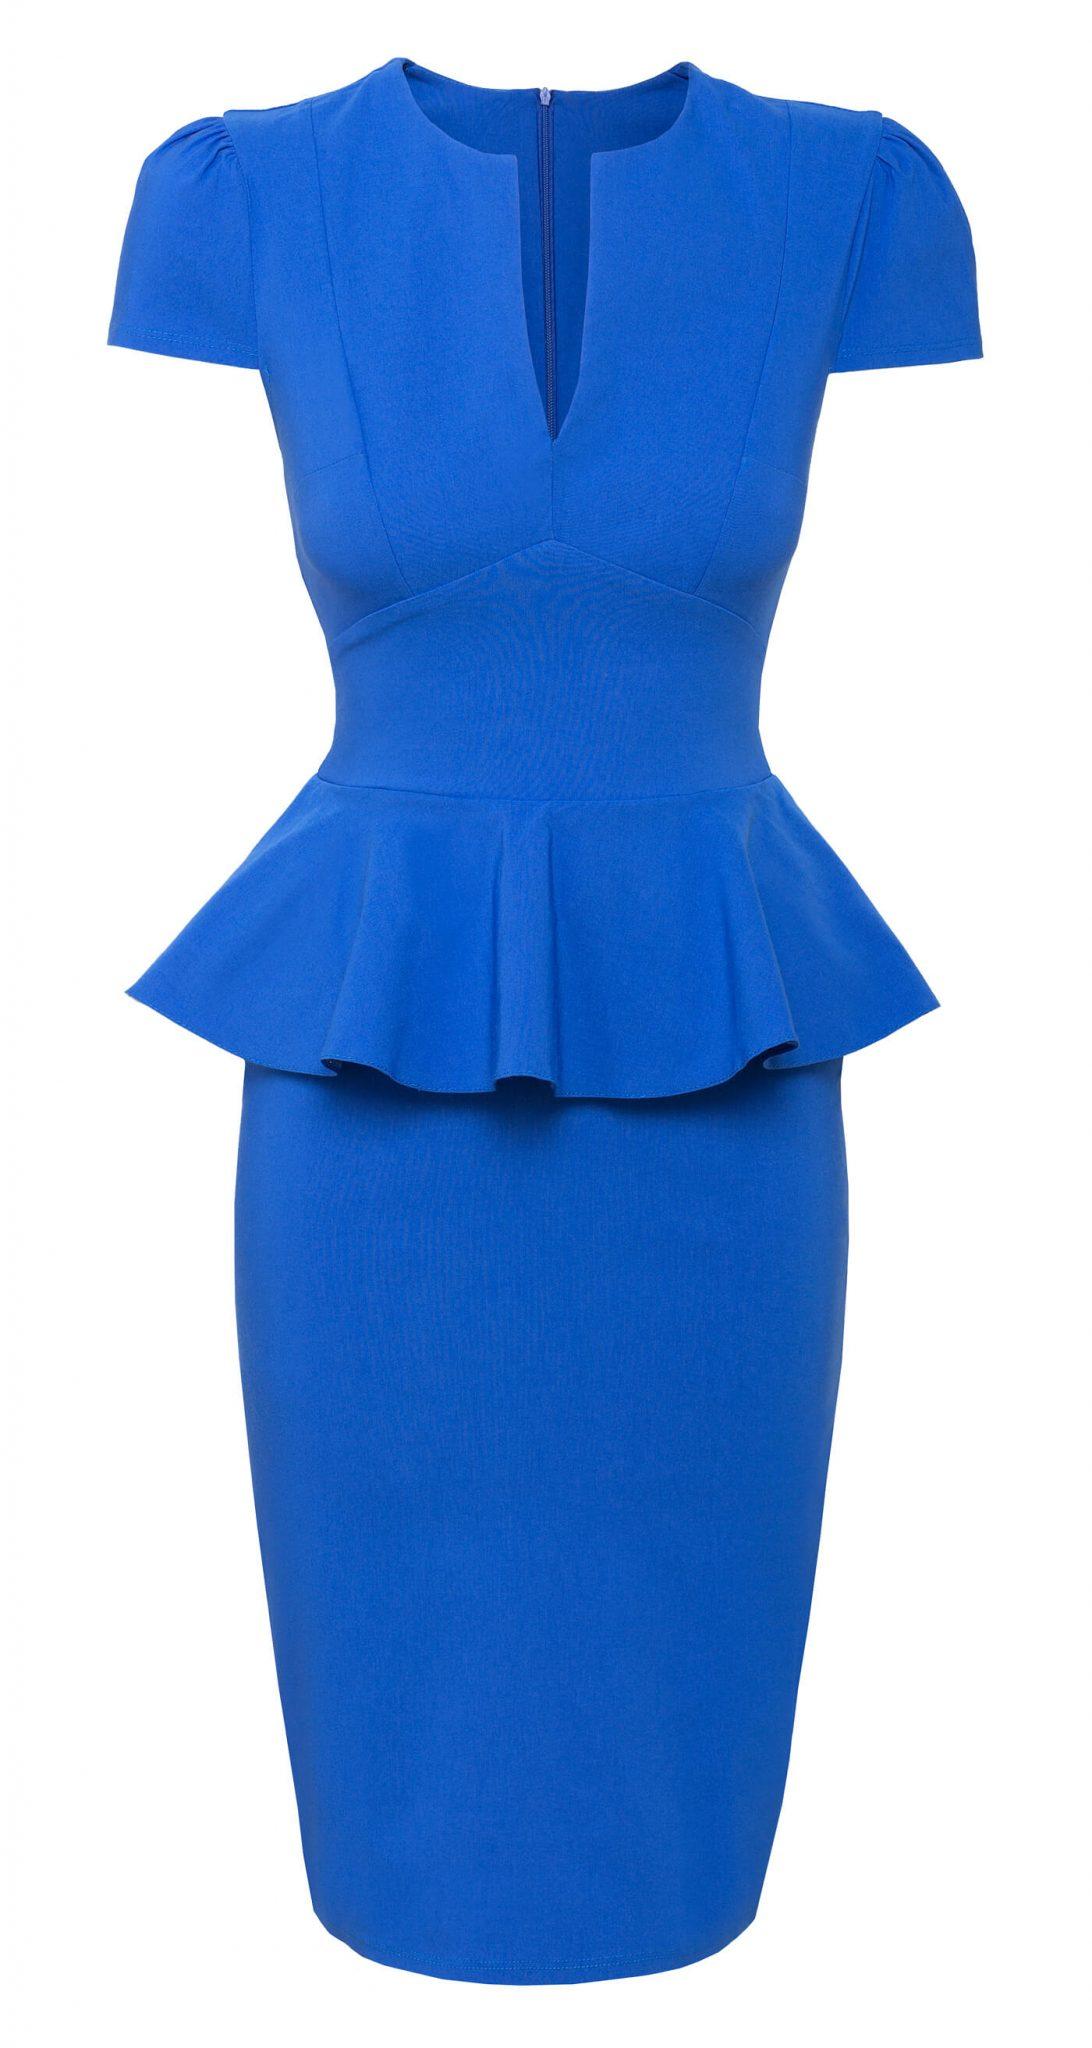 GoddessKleid City City Mit Schößchen GoddessKleid Royalblau Mit Schößchen qzjLSUMpGV